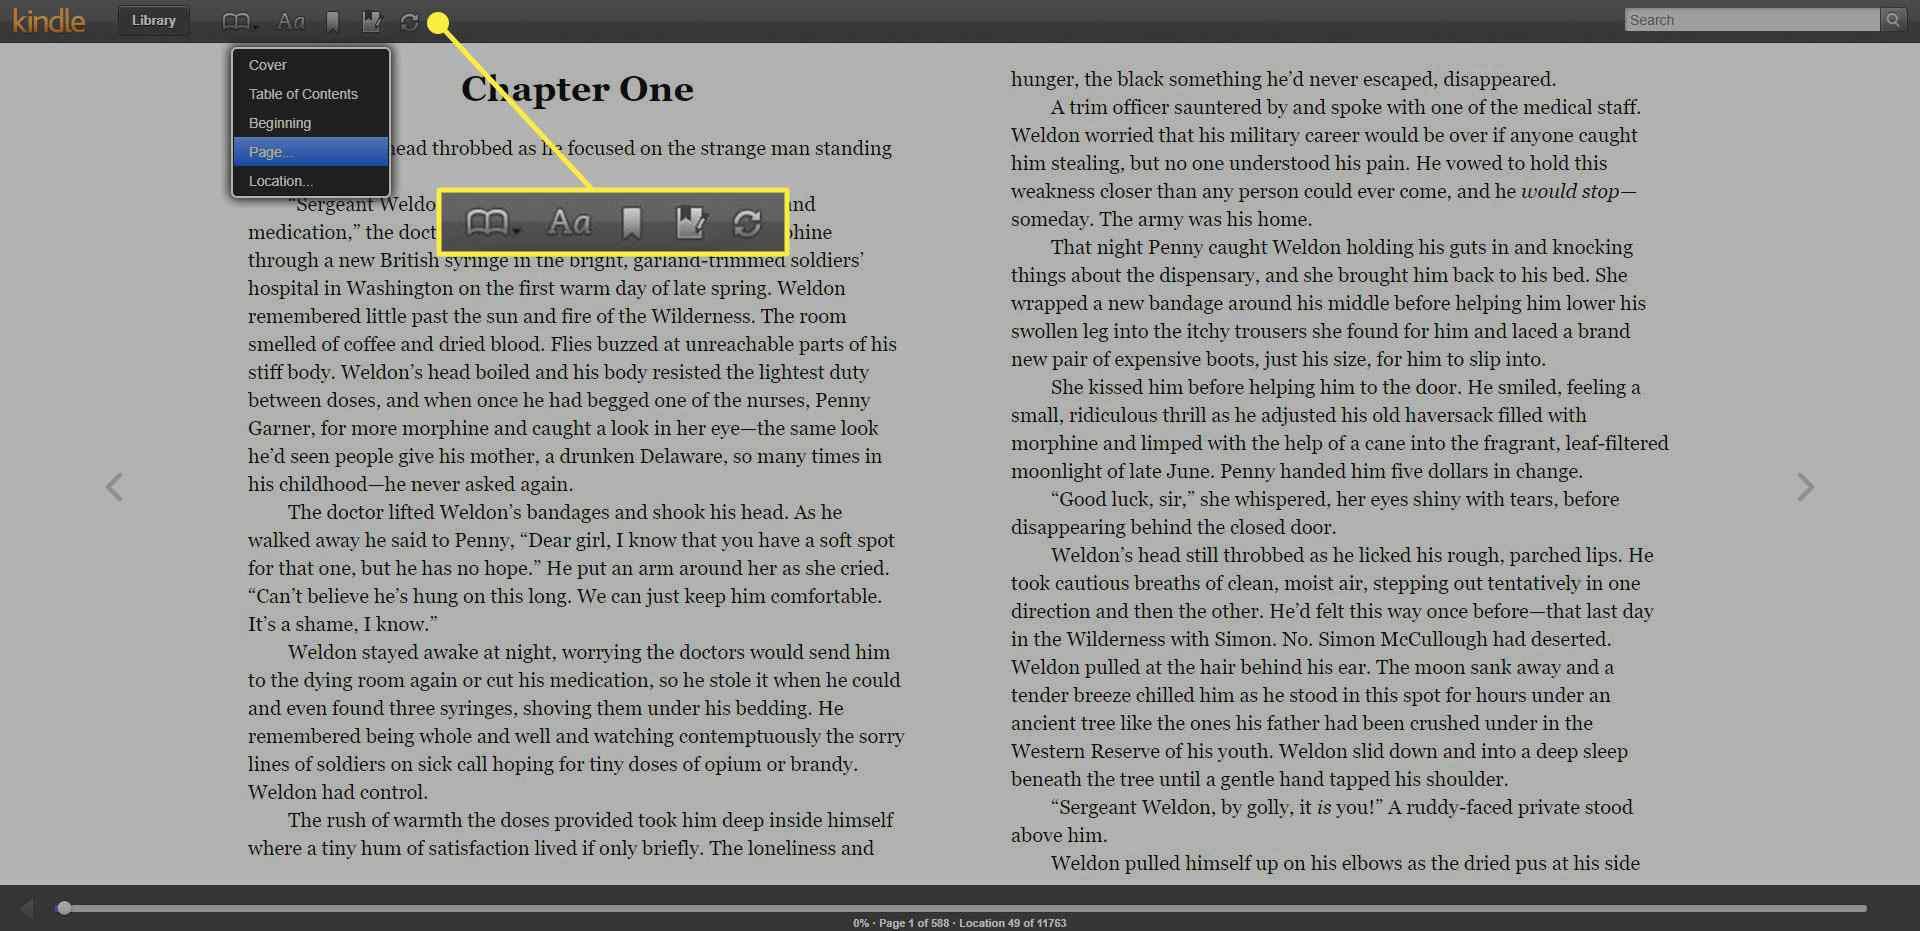 Menu items in Kindle Cloud Reader